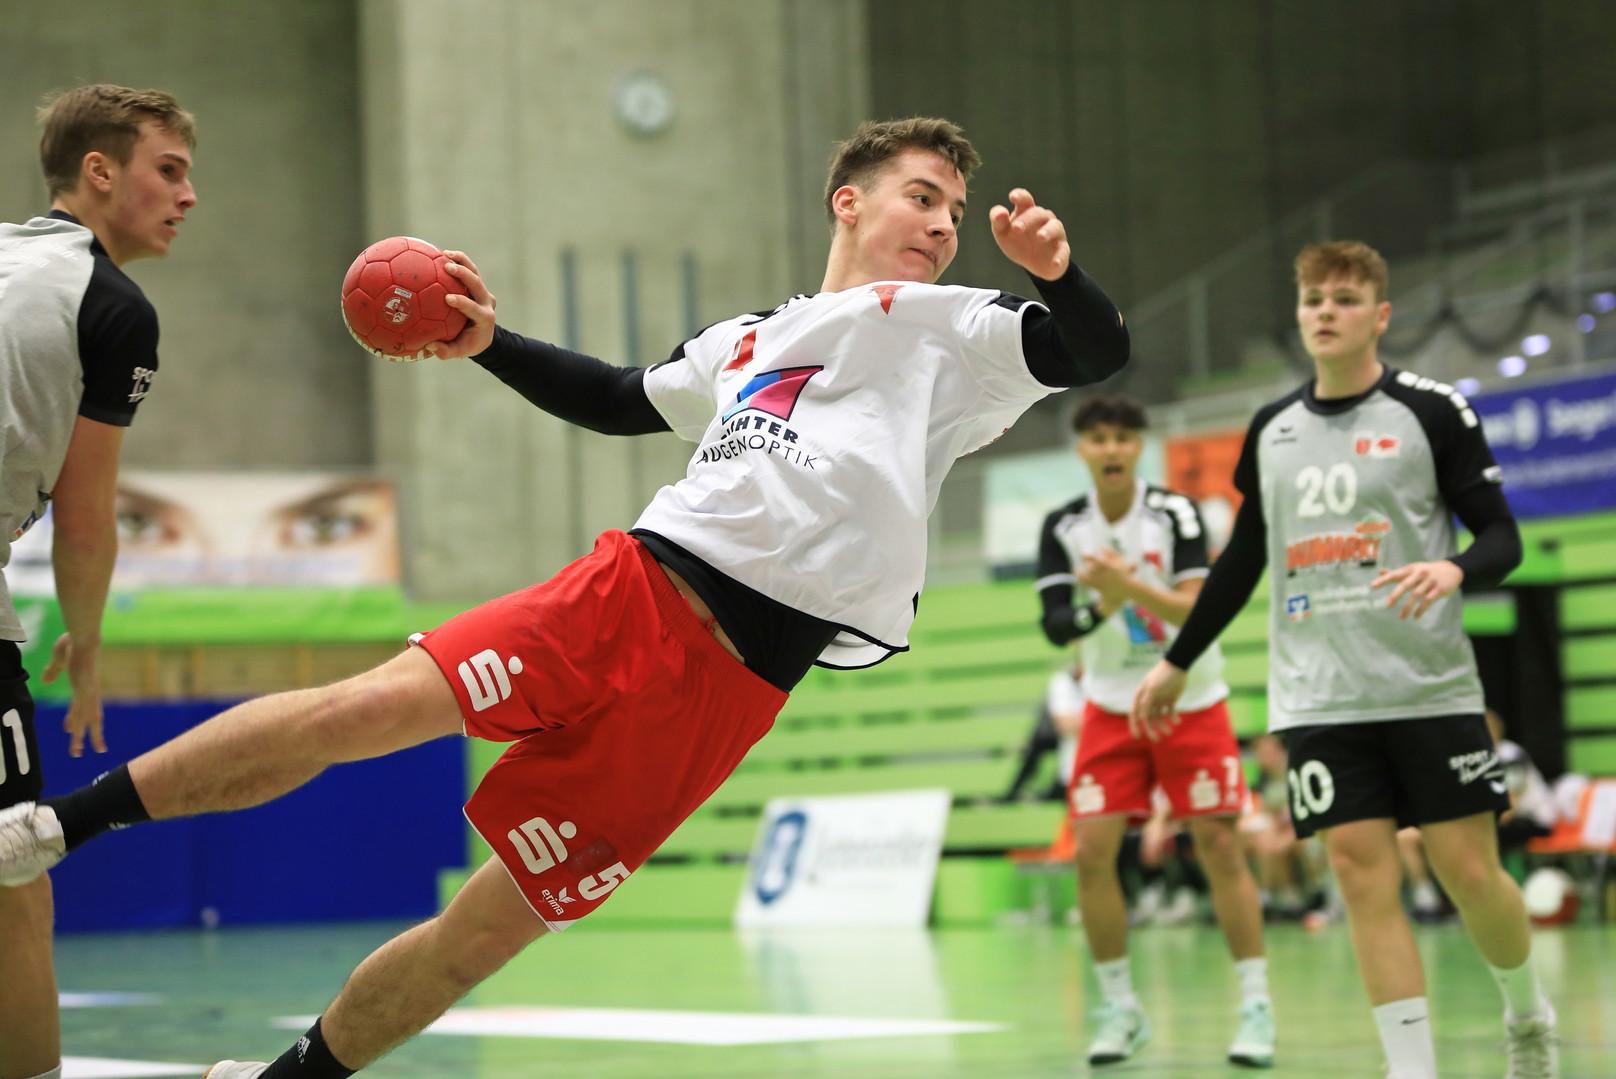 Lasse Malolepszy